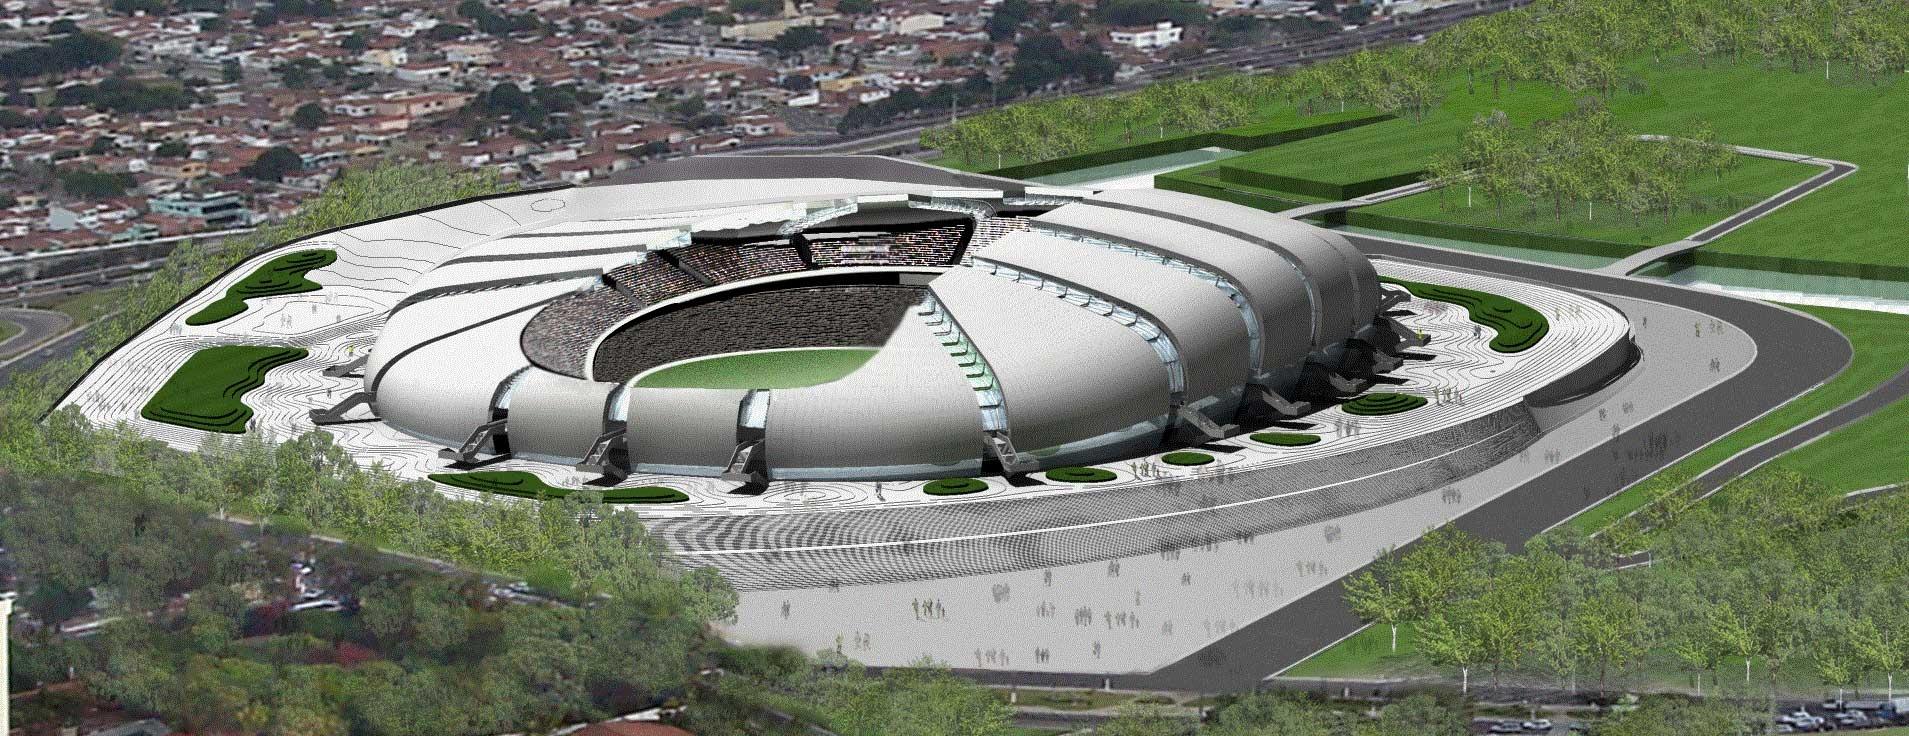 stadio Natal arenas das dunas